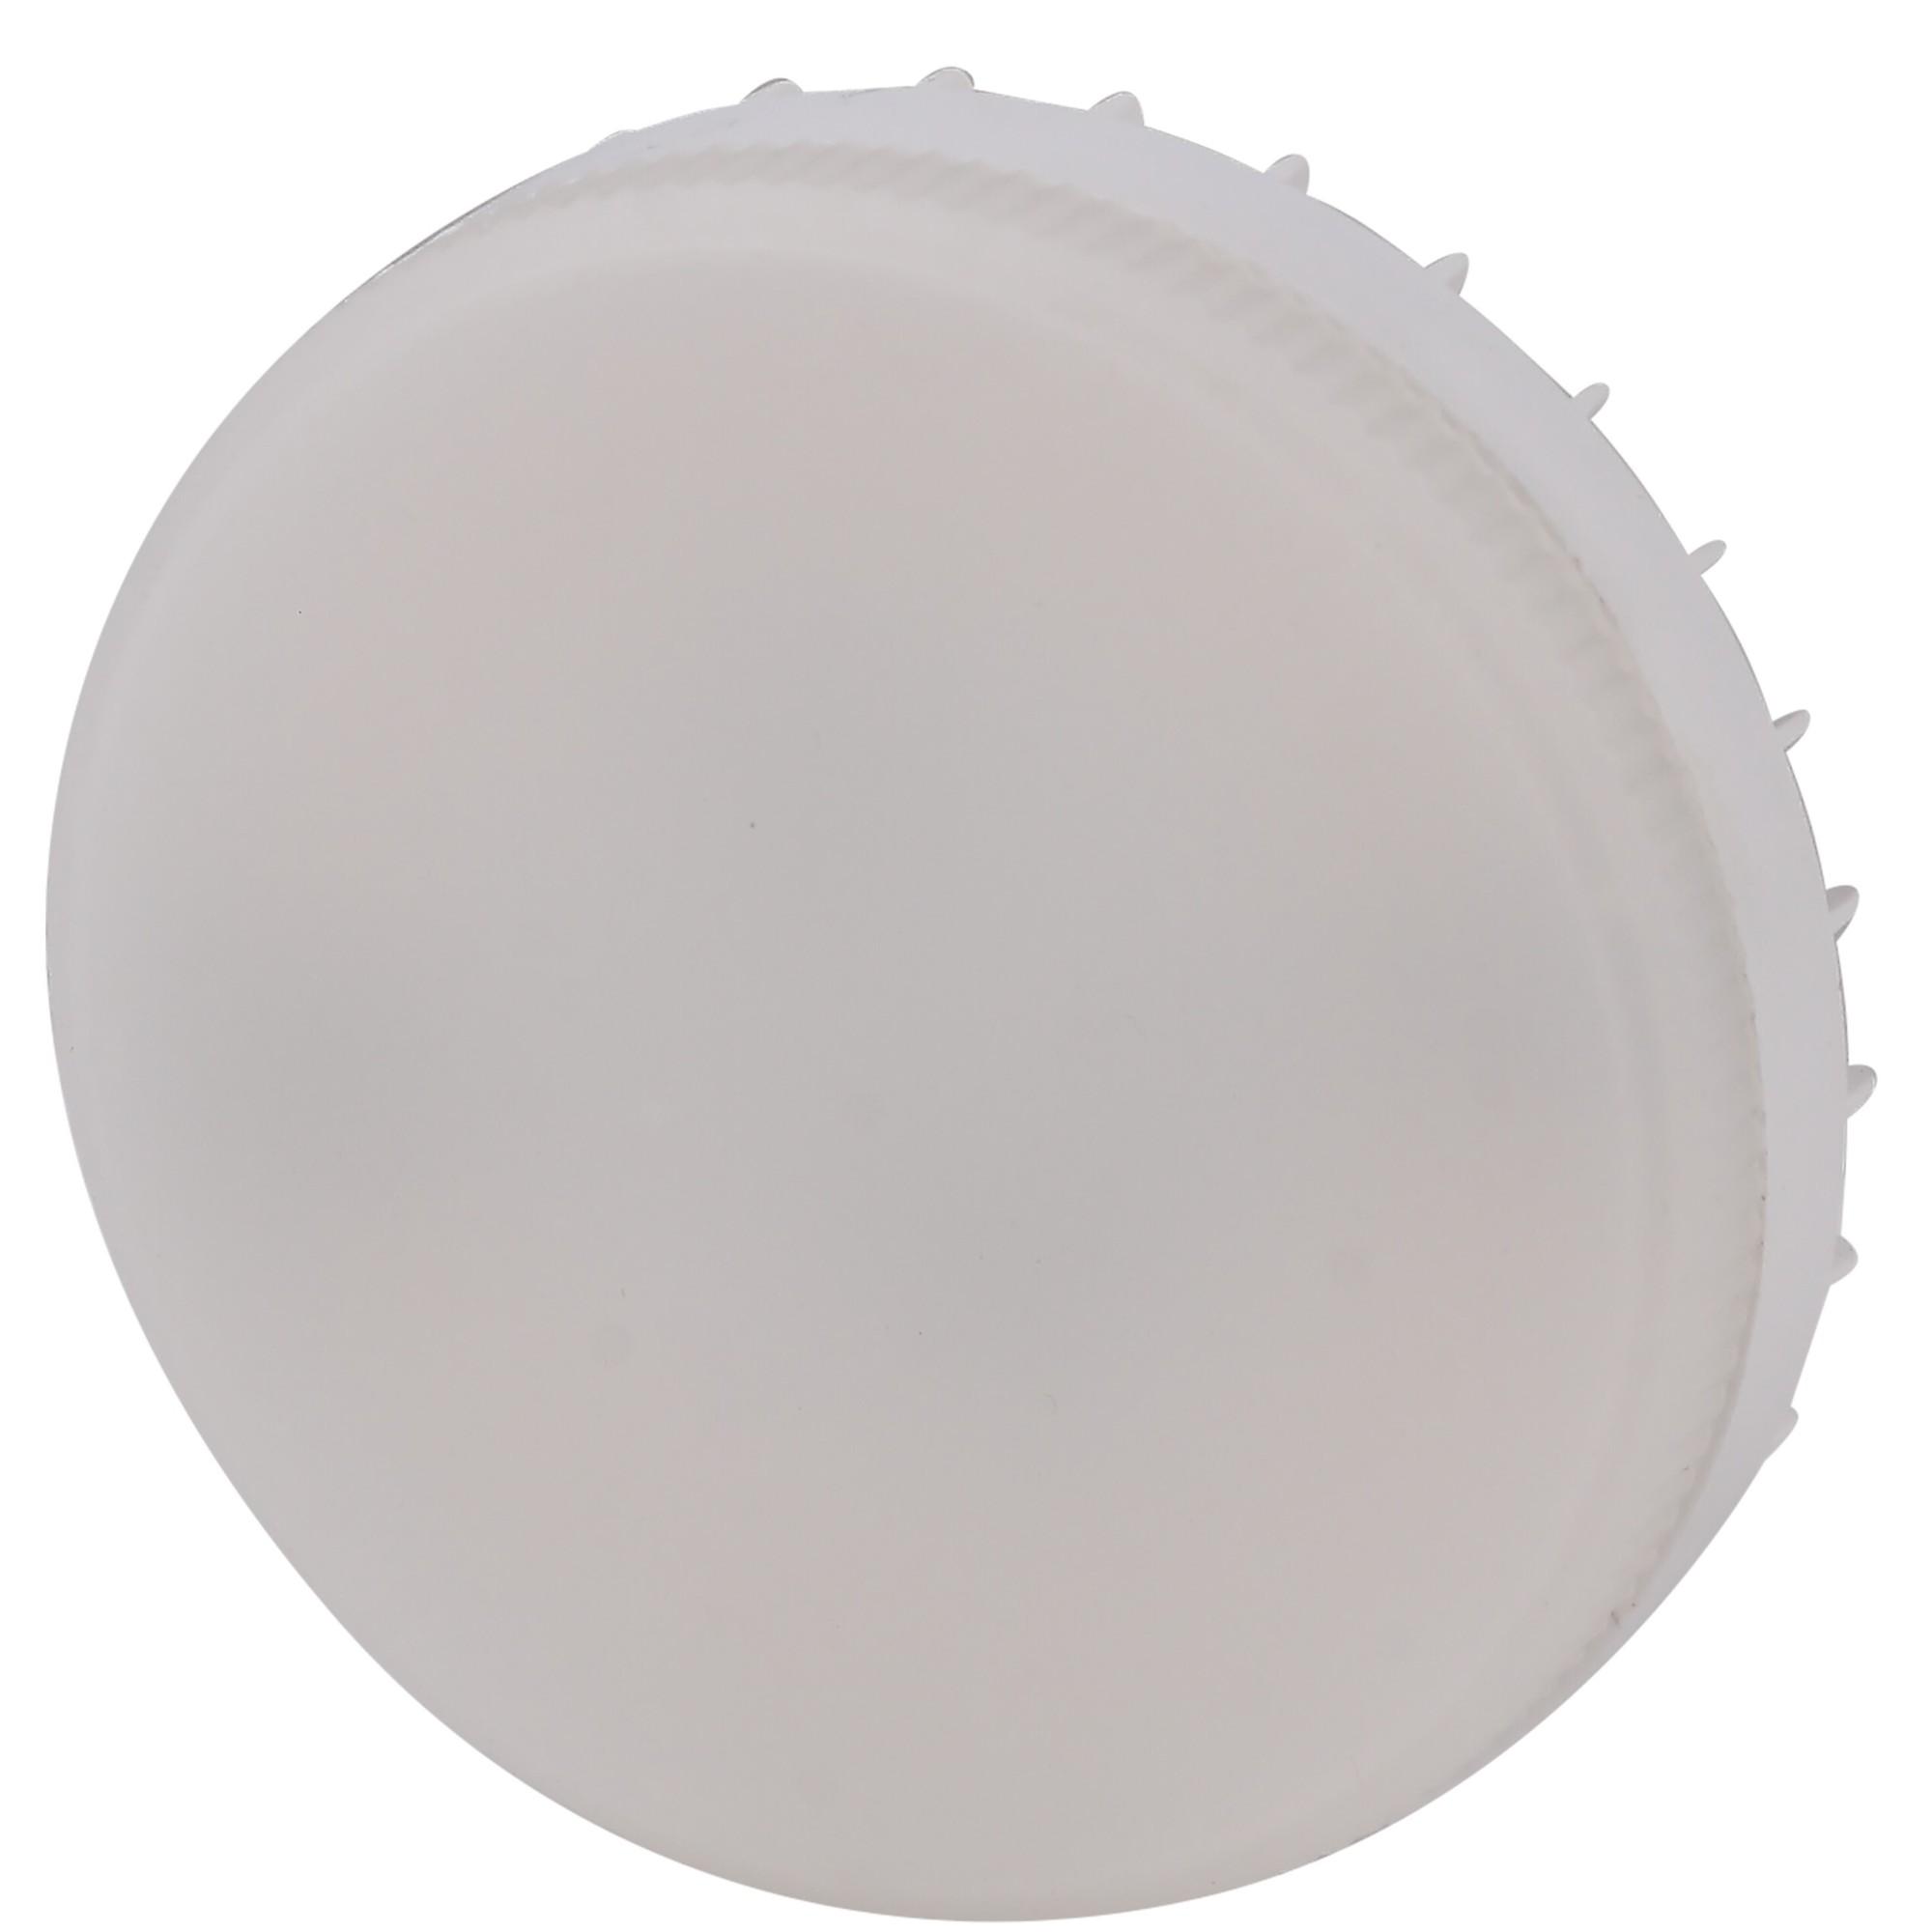 Лампа светодиодная Osram GX53 230 В 10 Вт спот прозрачная 1000 лм теплый белый свет